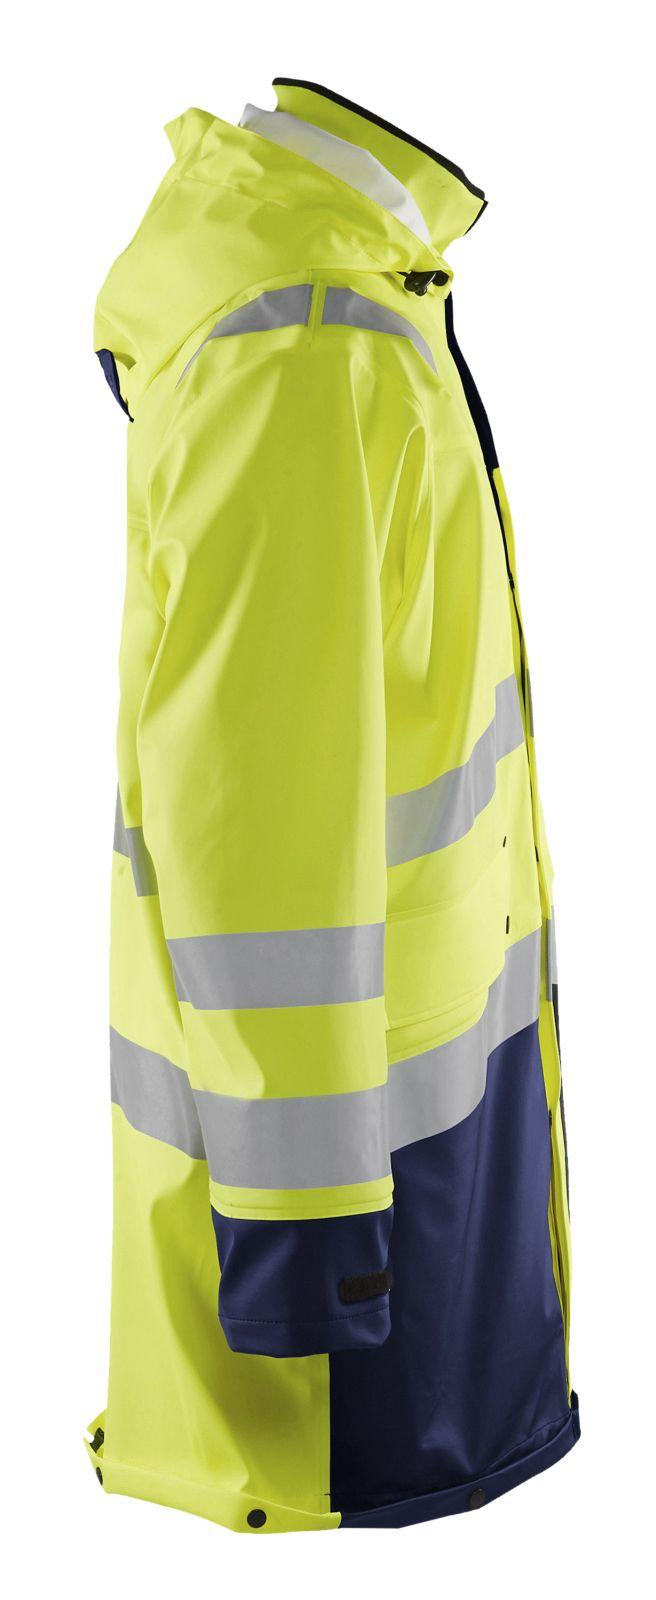 Blaklader Regenjassen 43262005 High Vis geel-marineblauw(3389)